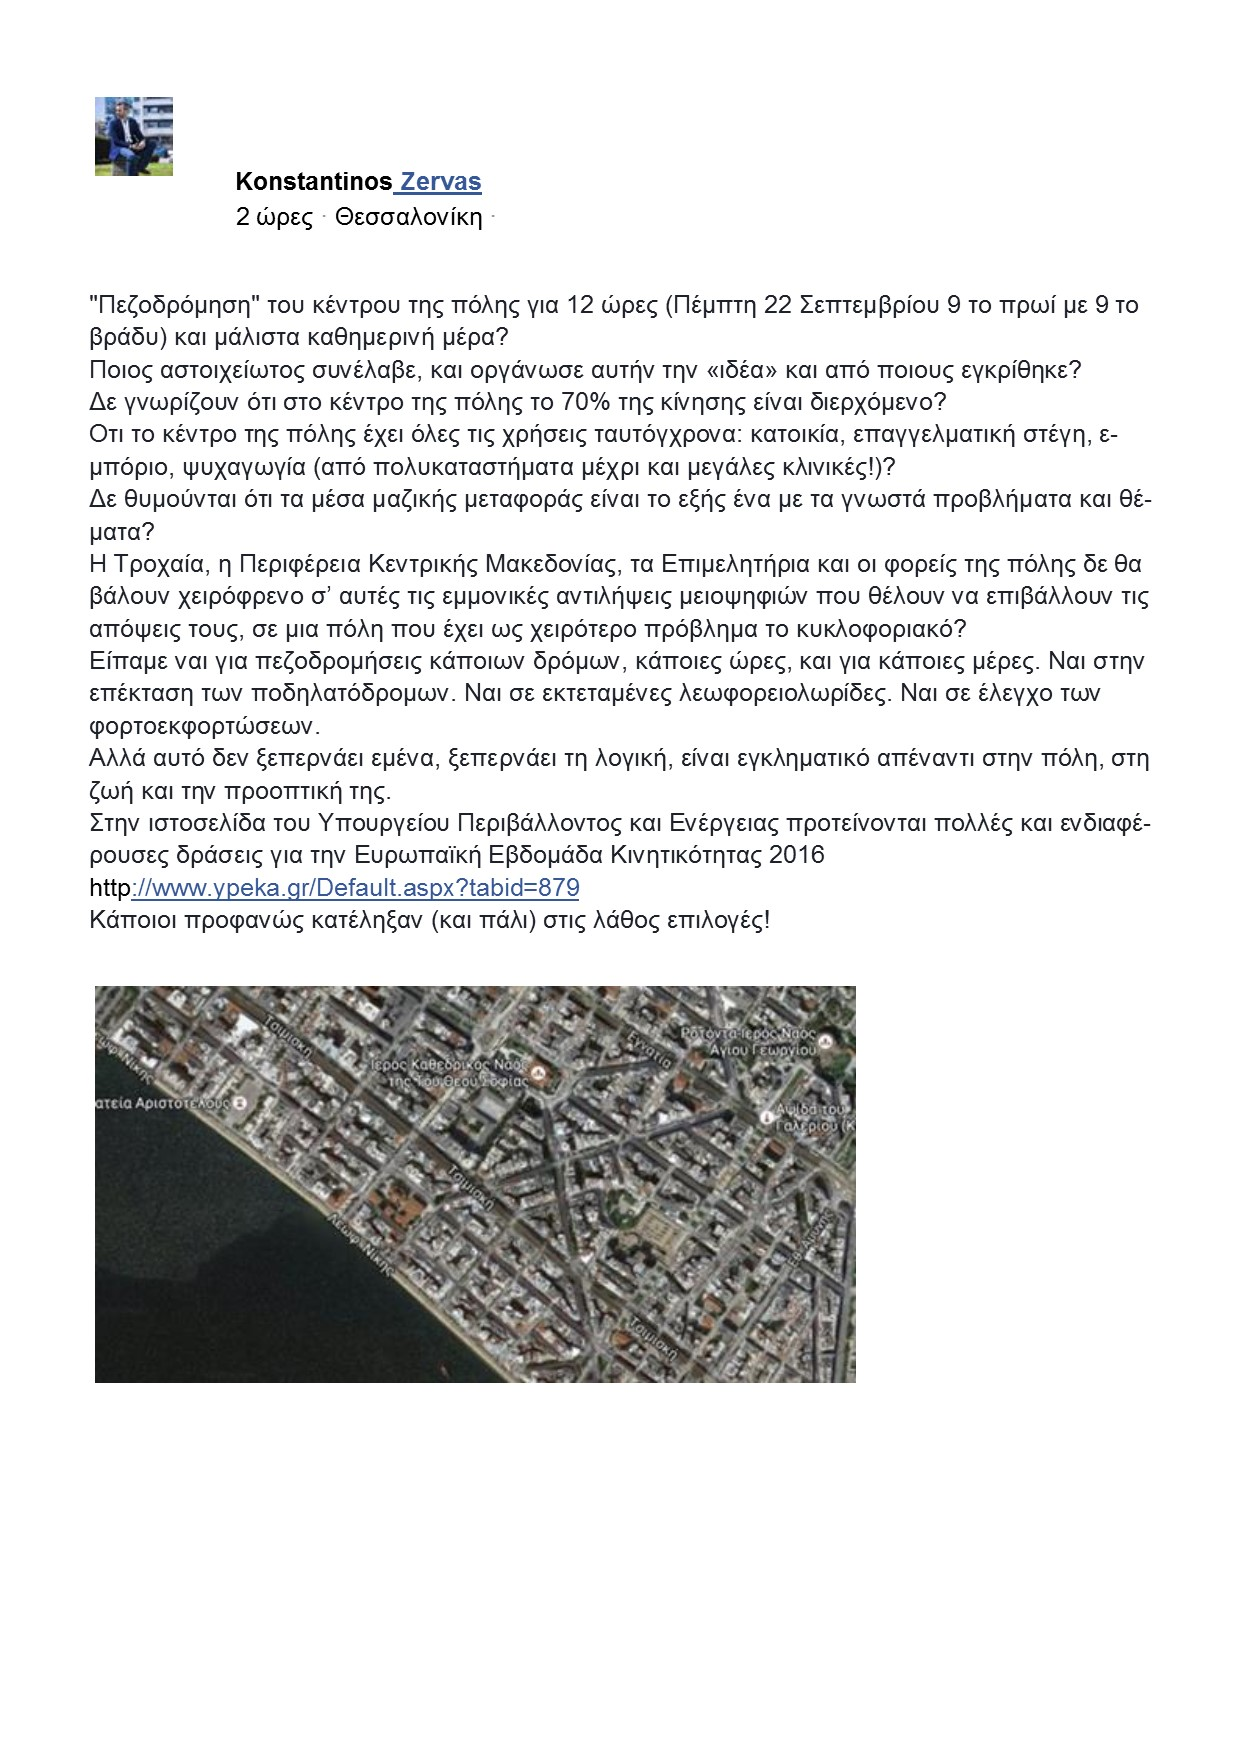 Εγκληματικός ο αποκλεισμός του κέντρου απο Ι.Χ. την Πέμπτη 22 Σεπτεμβρίου